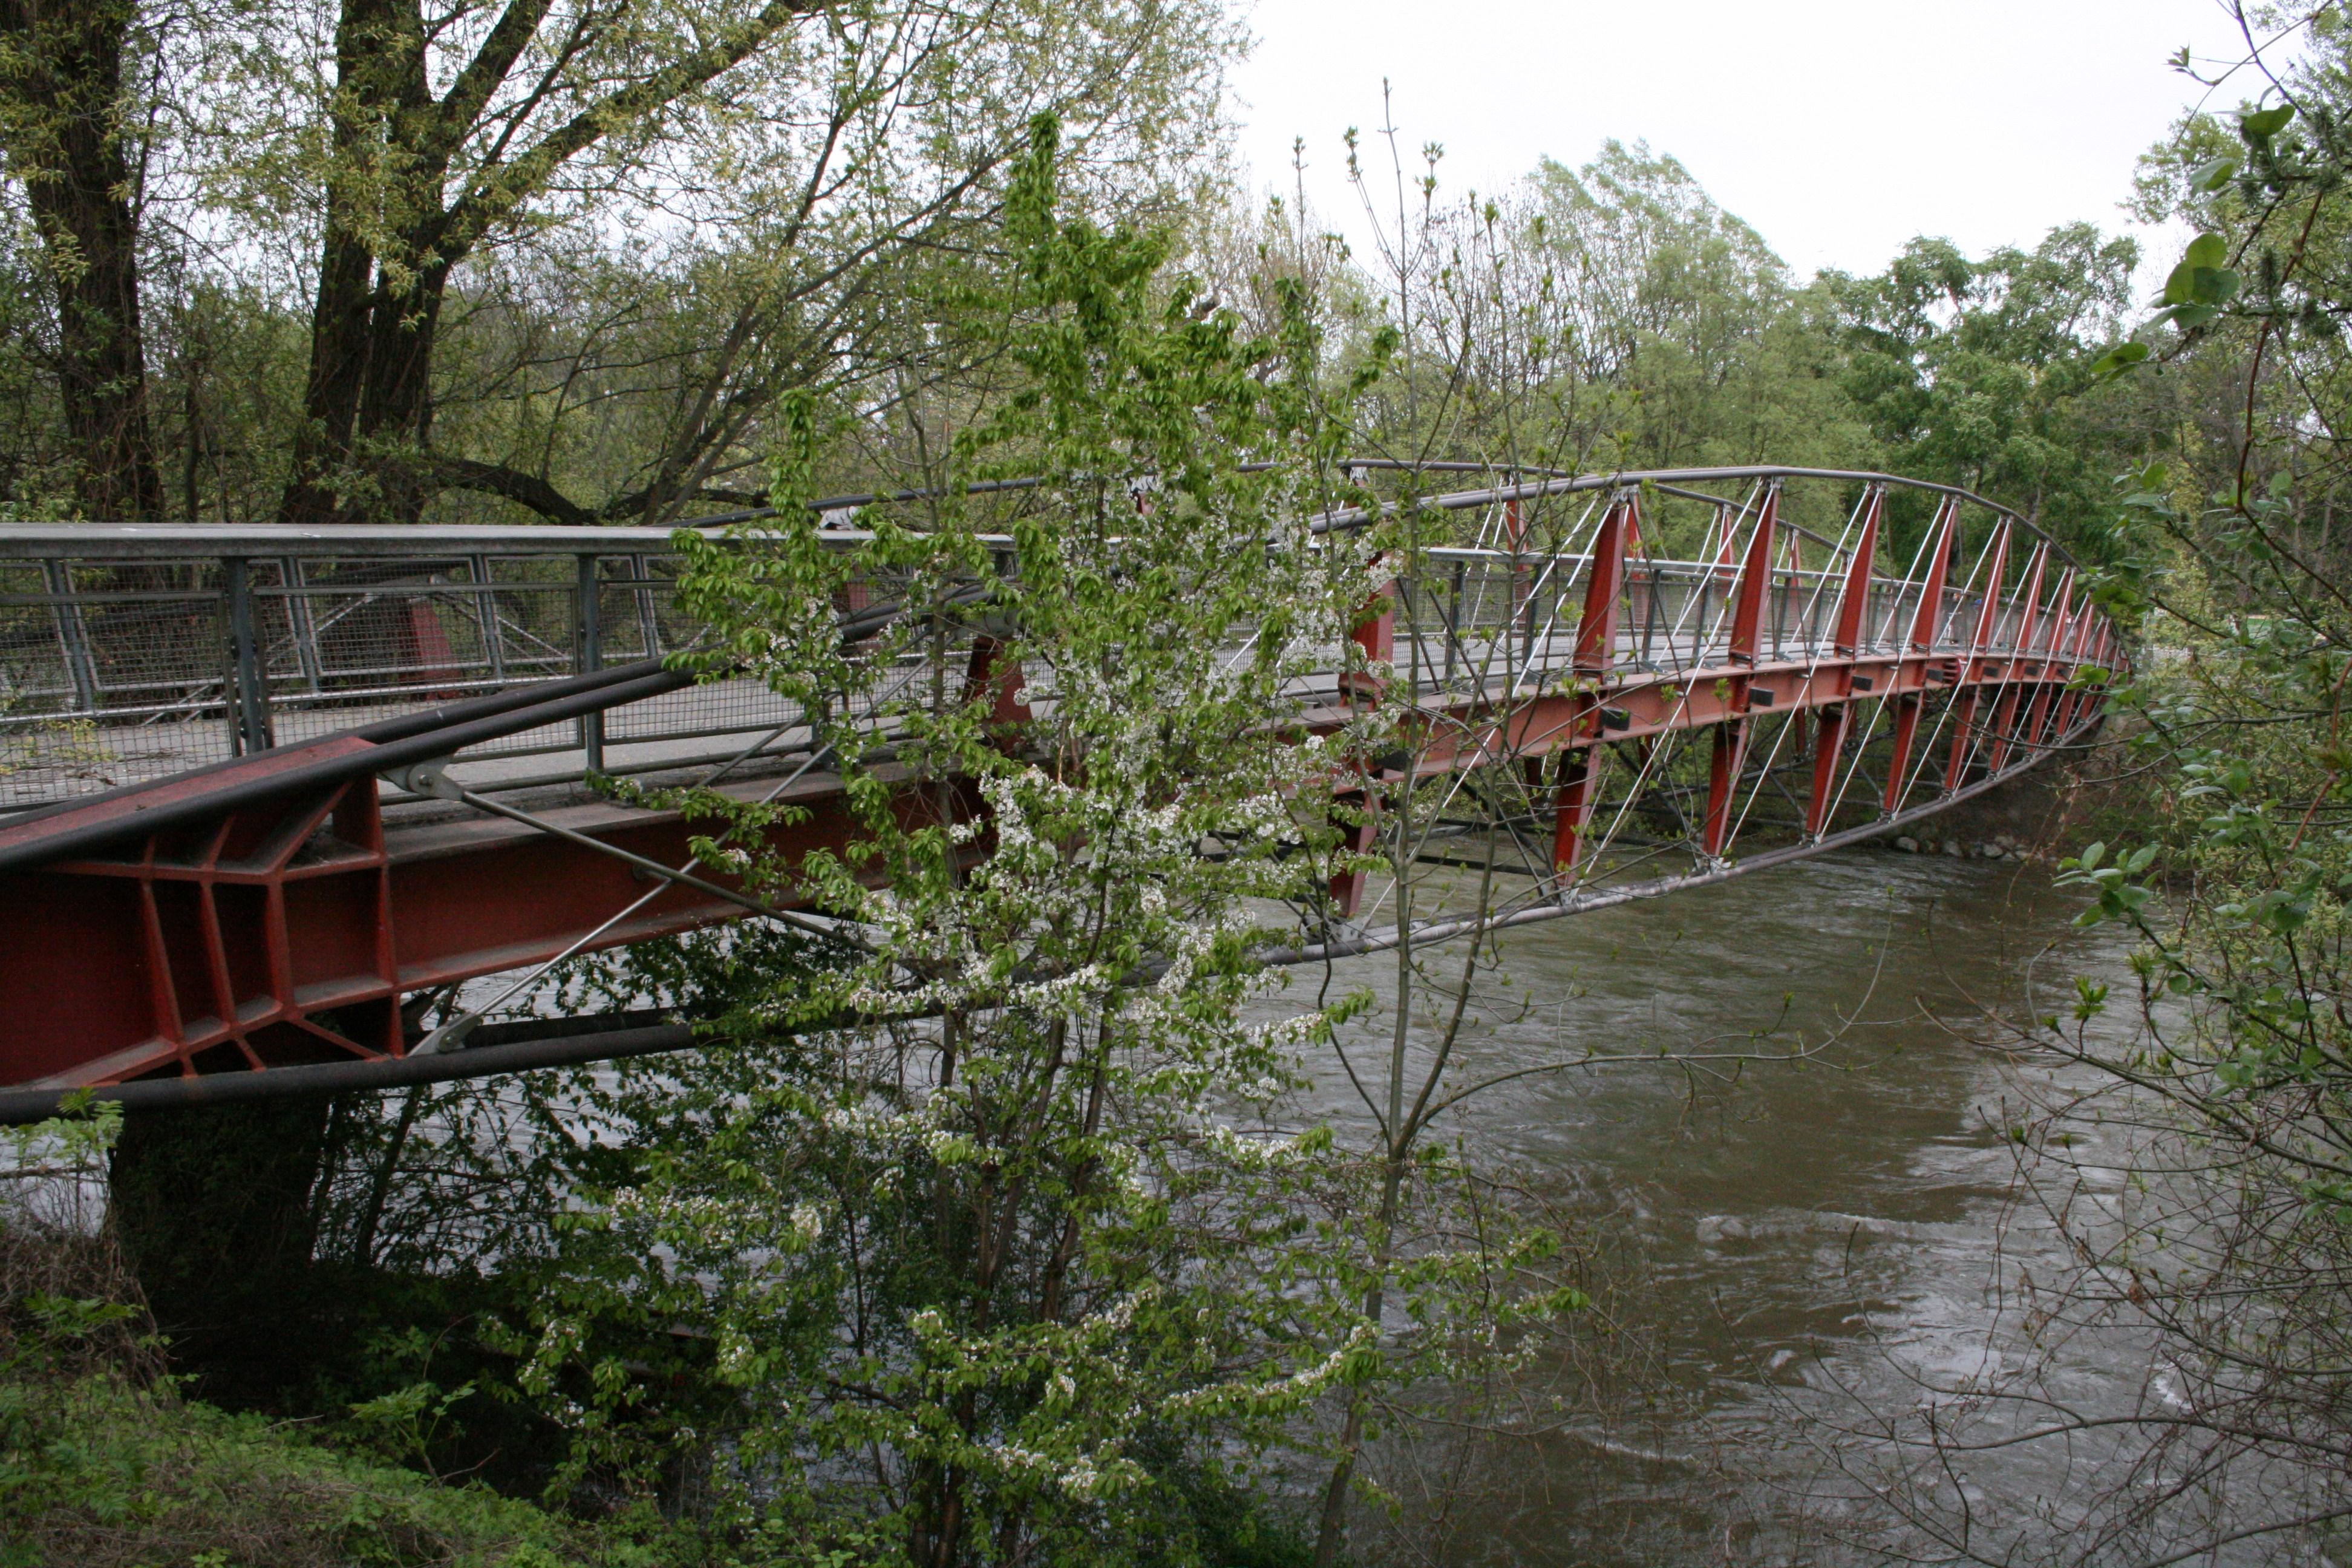 Der Augartensteg, eine Fußgänger- und Radfahrerbrücke